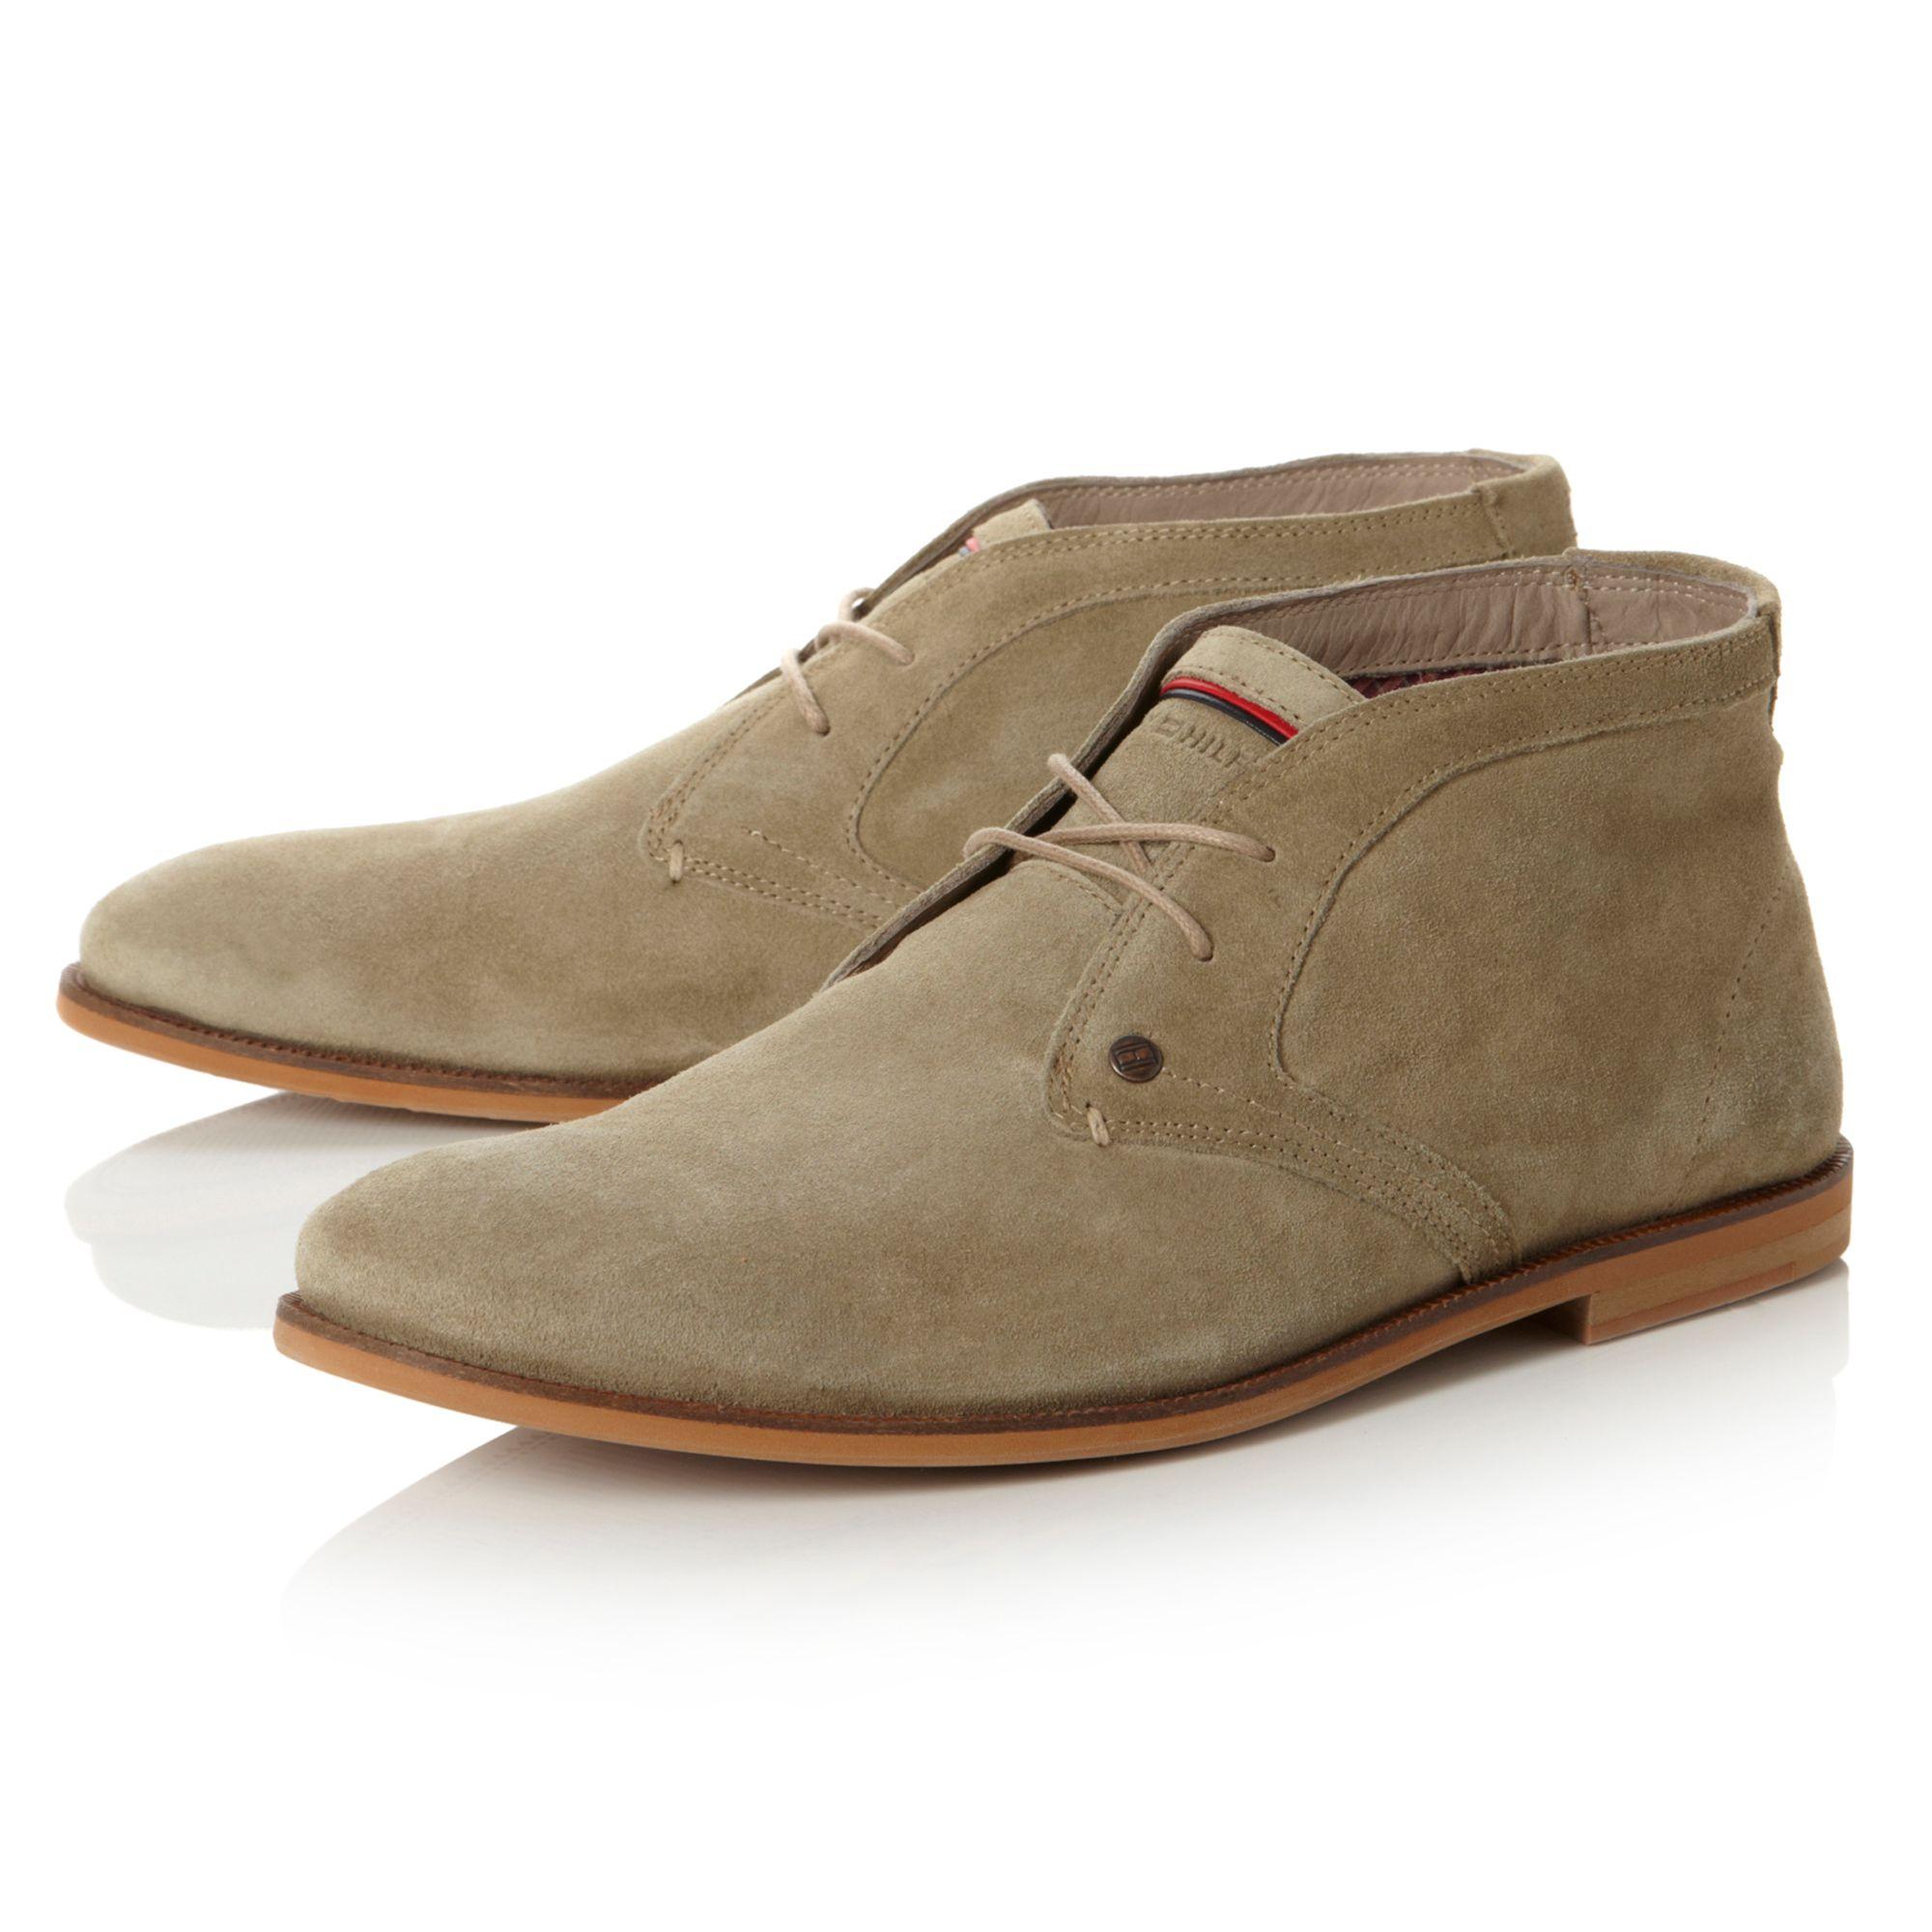 tommy hilfiger adam 4b natural sole desert boots in natural for men. Black Bedroom Furniture Sets. Home Design Ideas